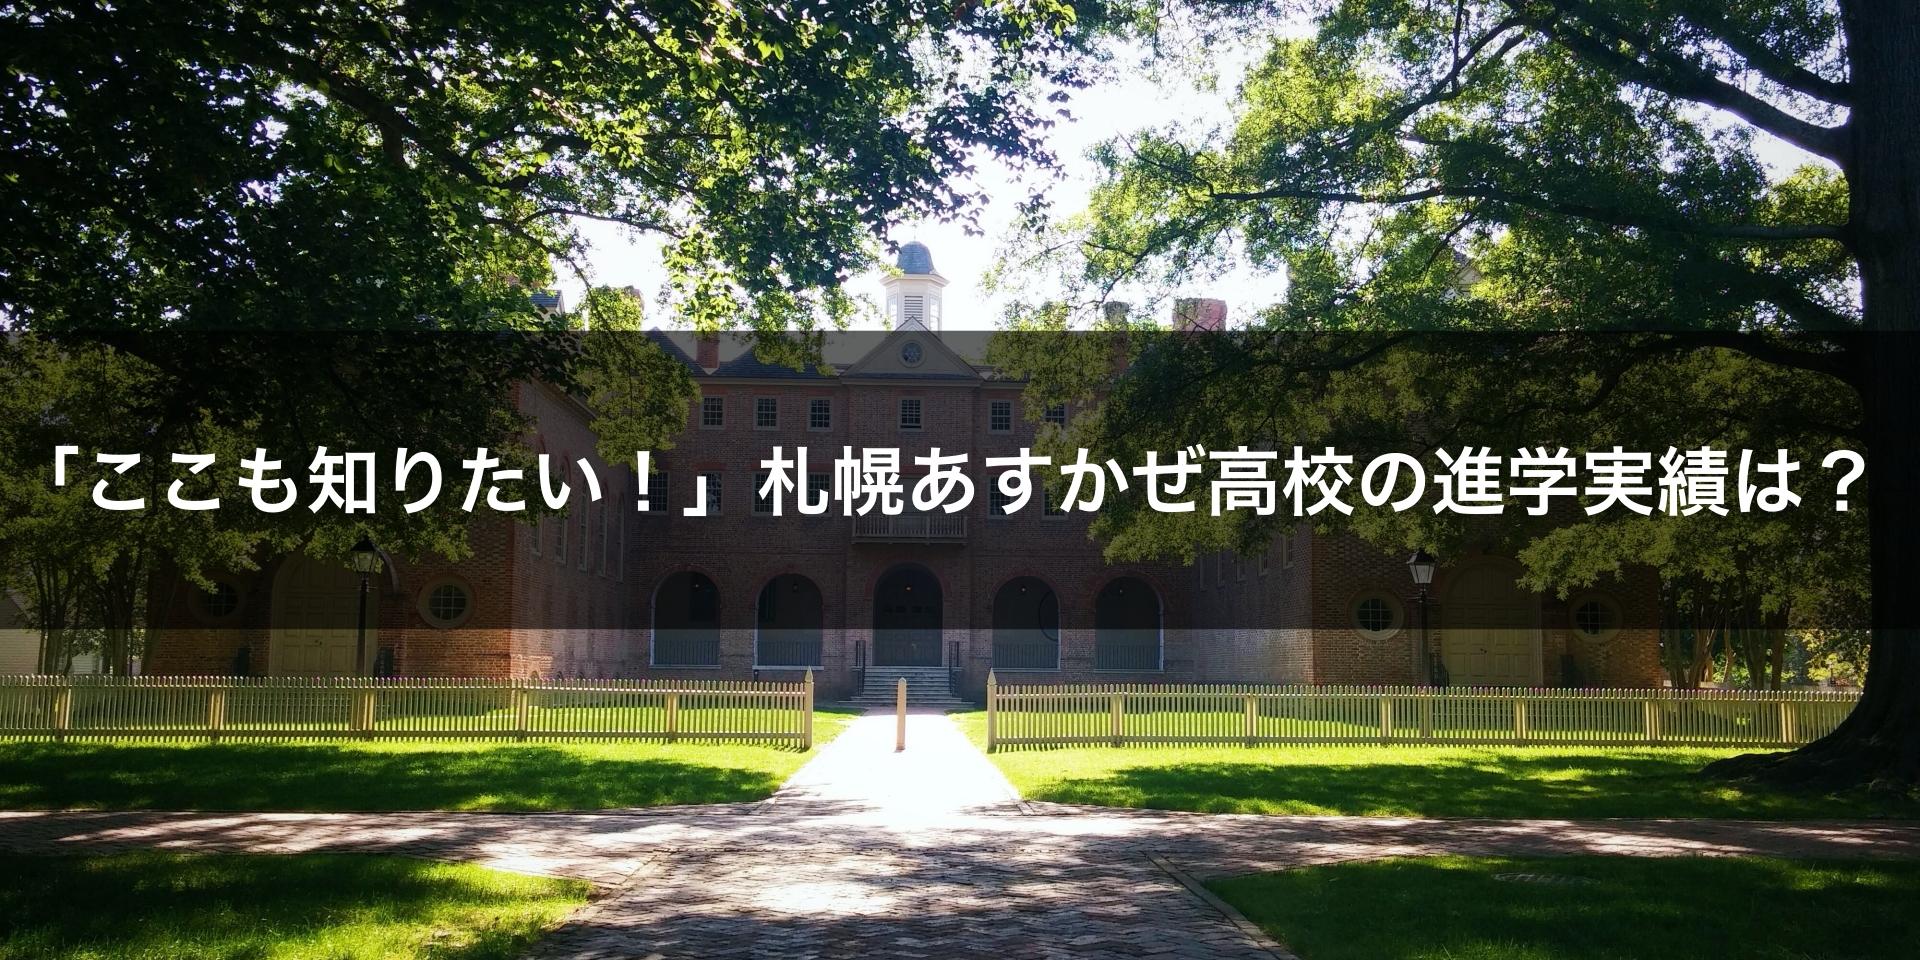 札幌あすかぜ高校の進学実績は?